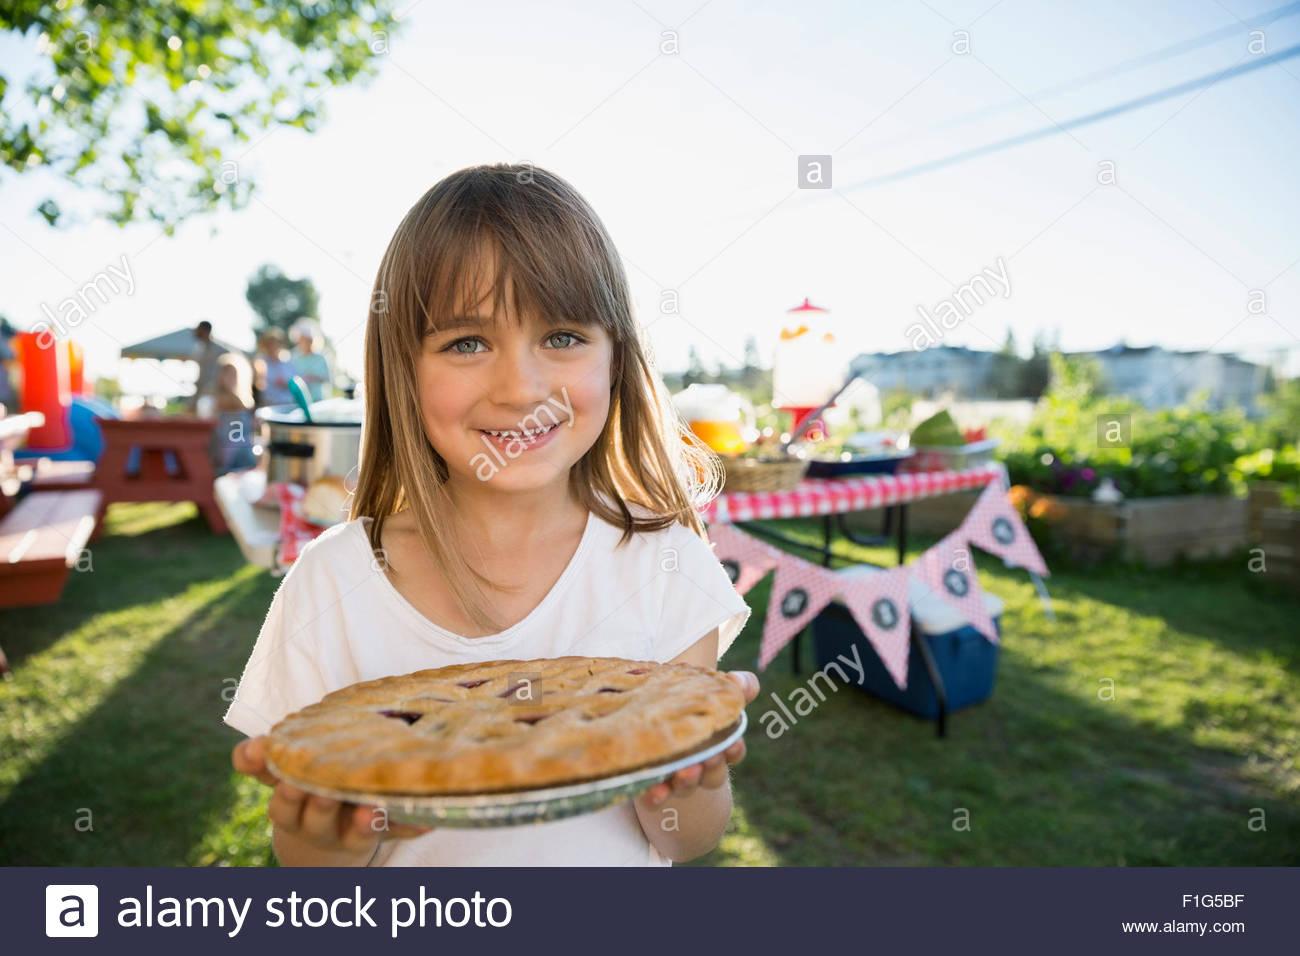 Portrait smiling girl holding fresh baked pie park Stock Photo